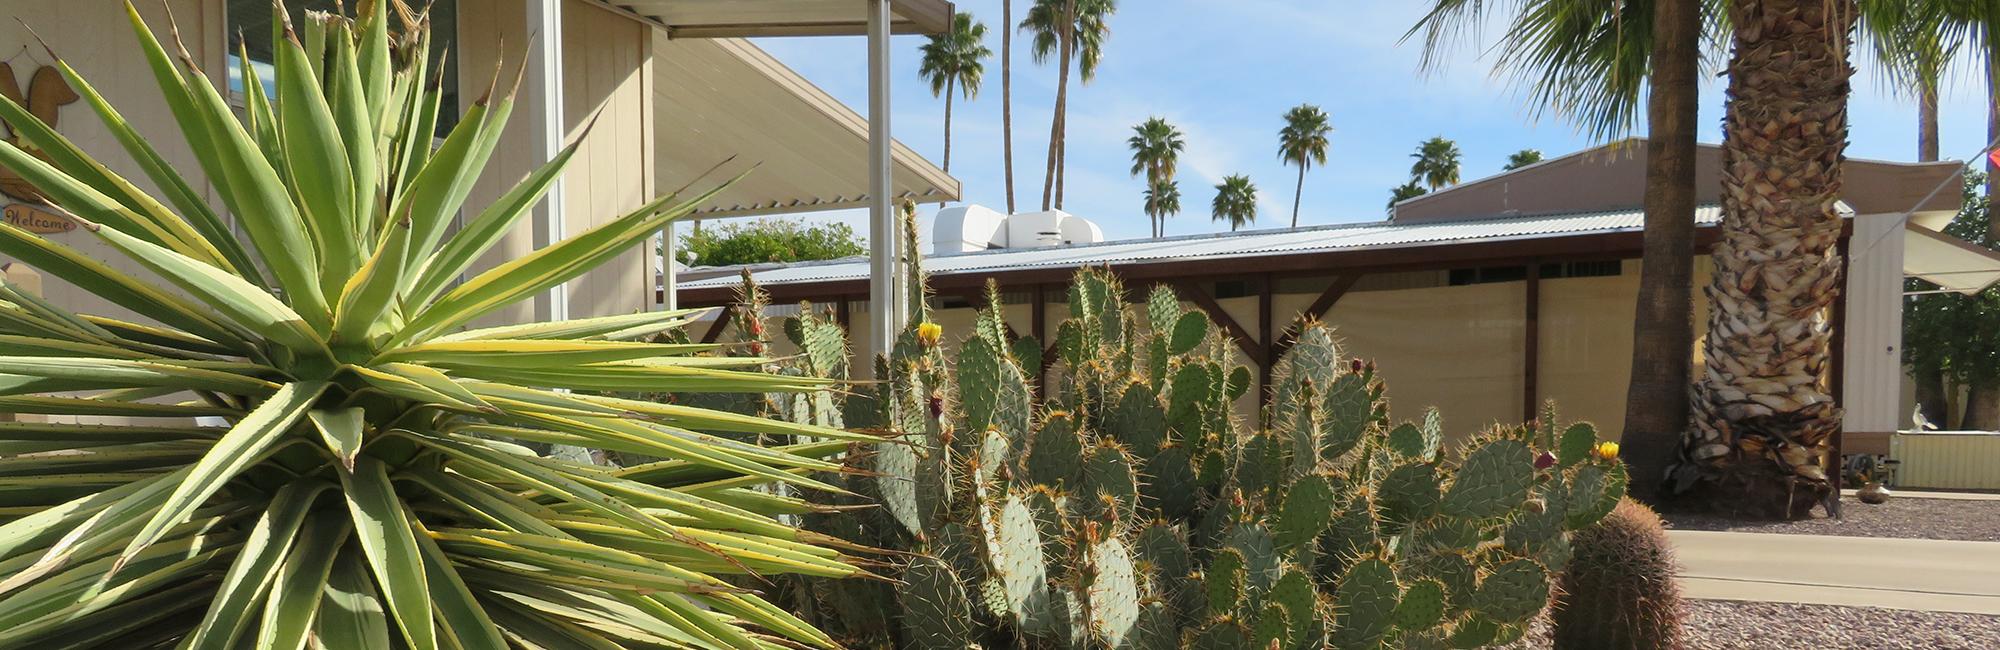 Arizona 55+ Gated Community